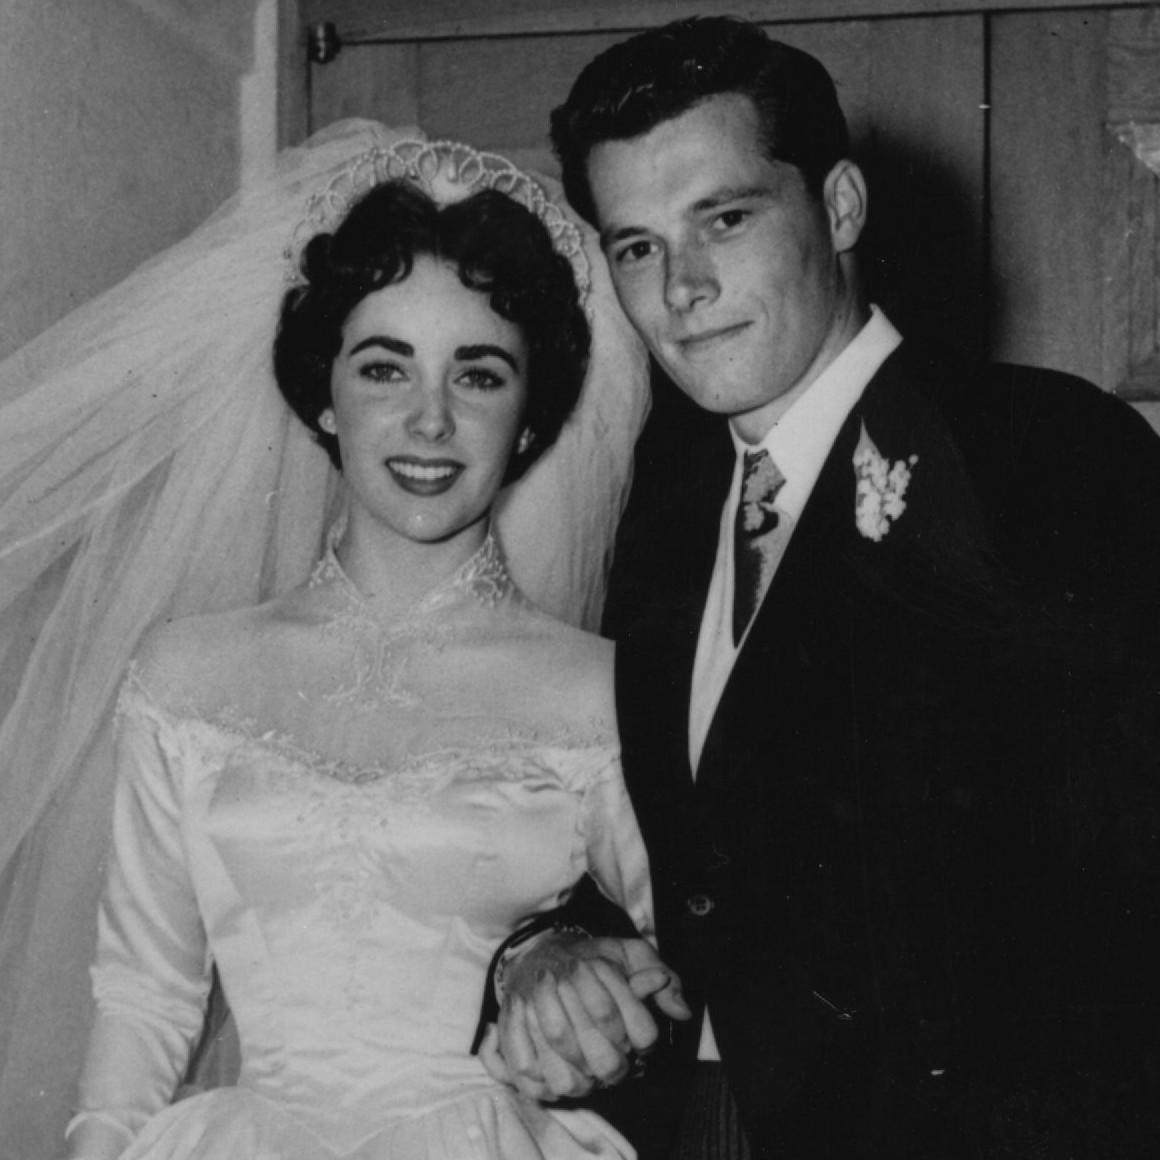 """A estrela Elizabeth Taylor (1932-2011) tinha 18 anos quando se casou com o empresário Conrad Hilton Jr. (1926-1969), tio-avô de Paris Hilton, em maio de 1950. Eles tiveram uma lua de mel de três meses, mas o casamento só durou 205 dias. Liz Taylor pediu o divórcio alegando como causa """"crueldade mental extrema"""". (Foto: Getty Images)"""